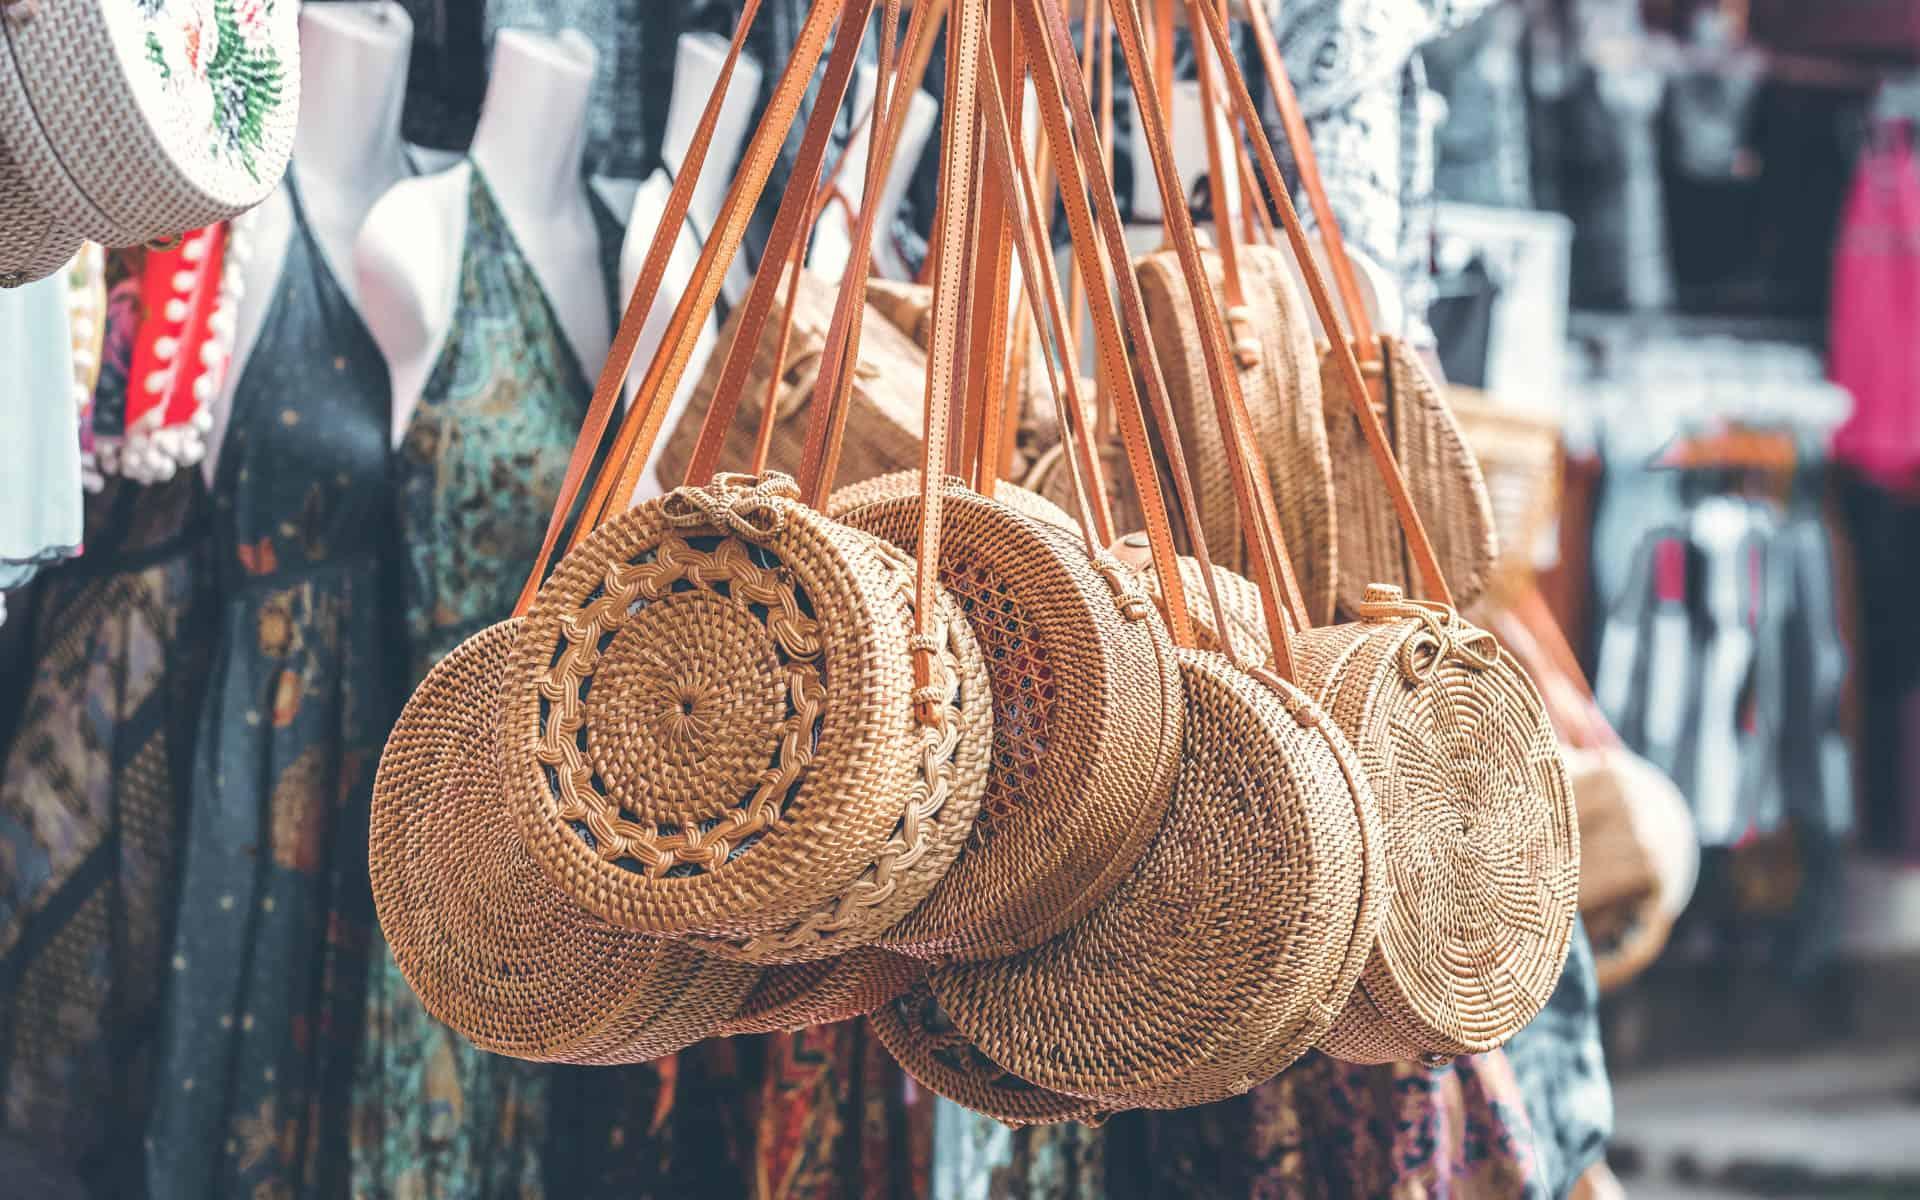 canggu-bag-market